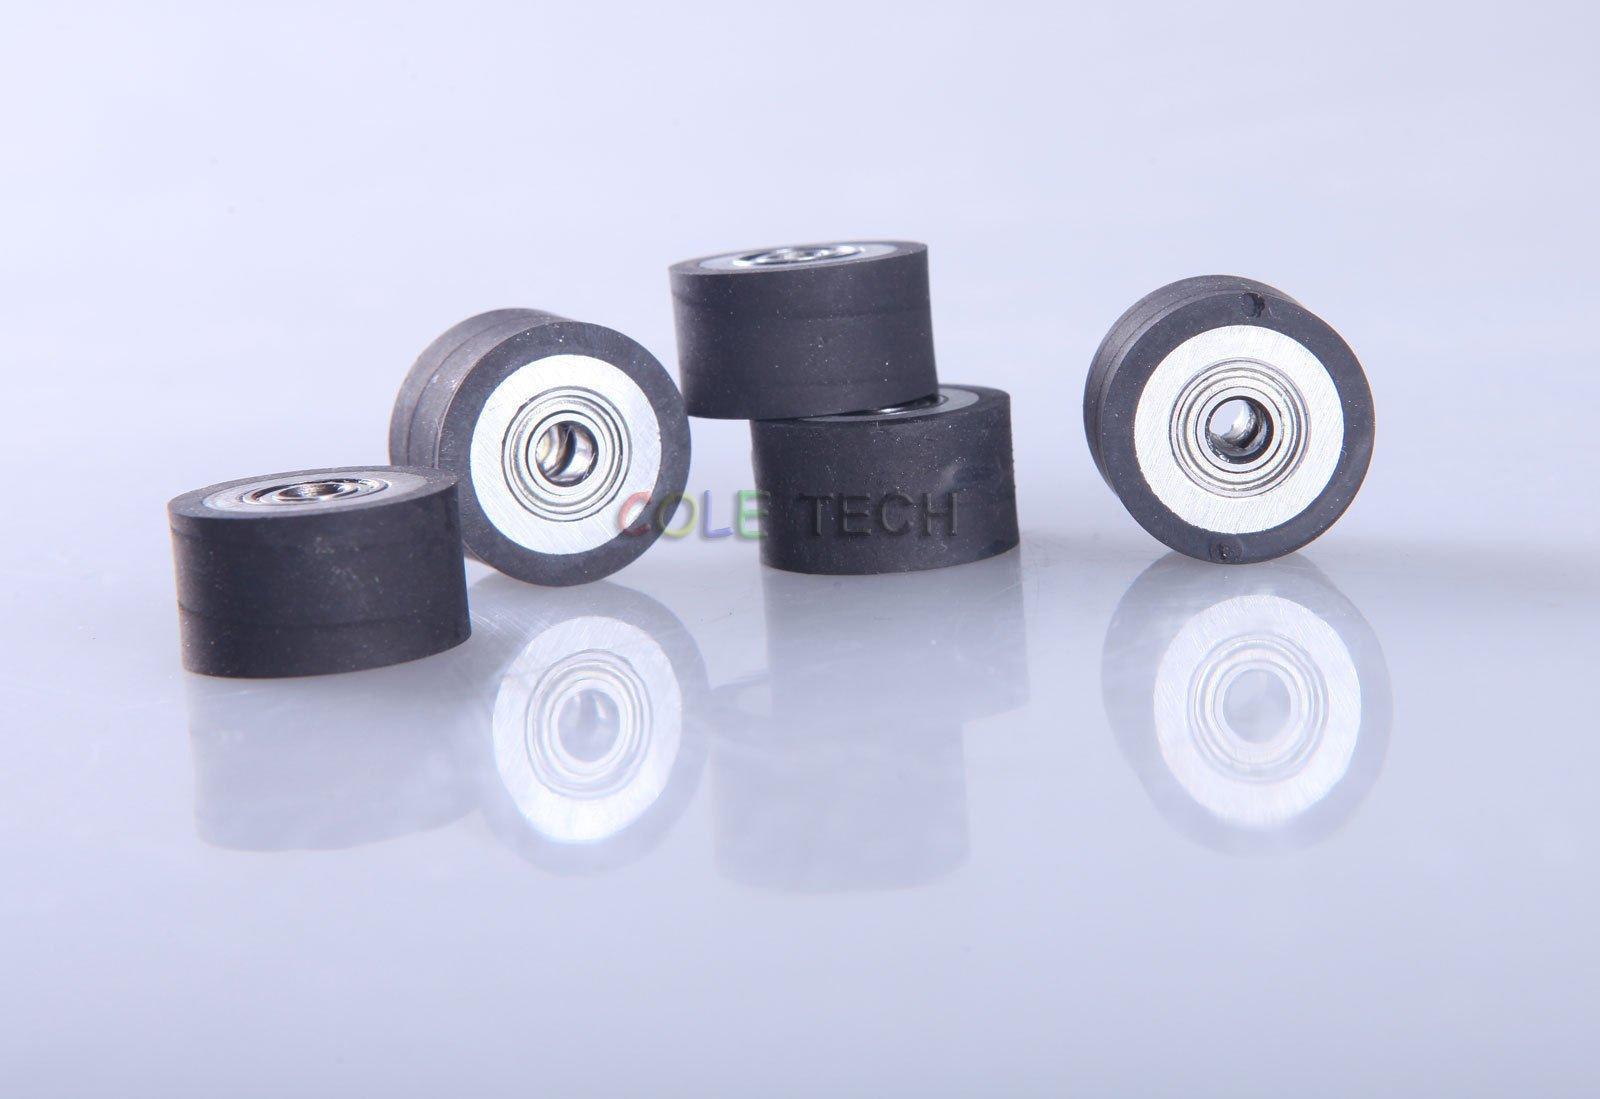 4pcs Pinch Roller for Mimaki Vinyl Cutting Cutter Plotter 4x10x14mm